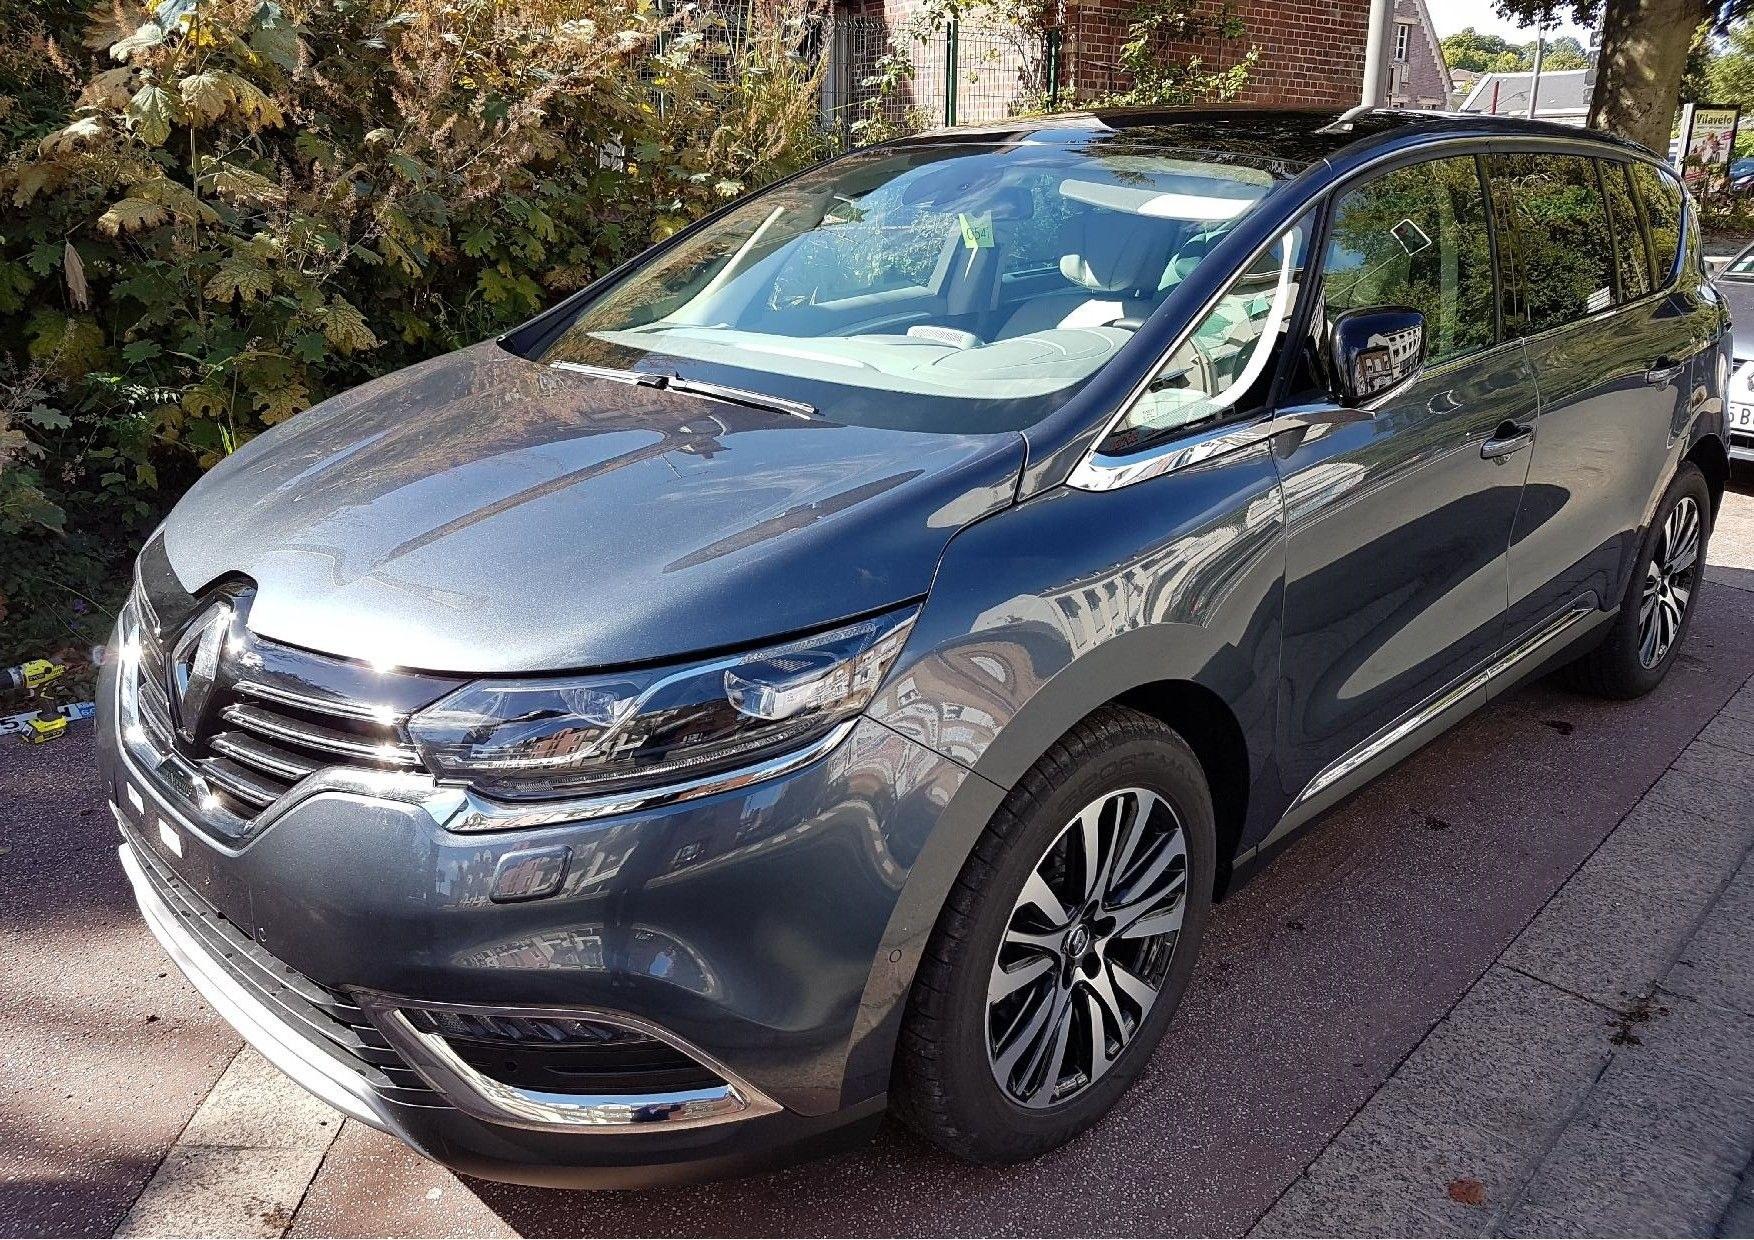 Mandataire auto Beauvais Picardie Renault Espace Initiale Paris Dci 160 Edc